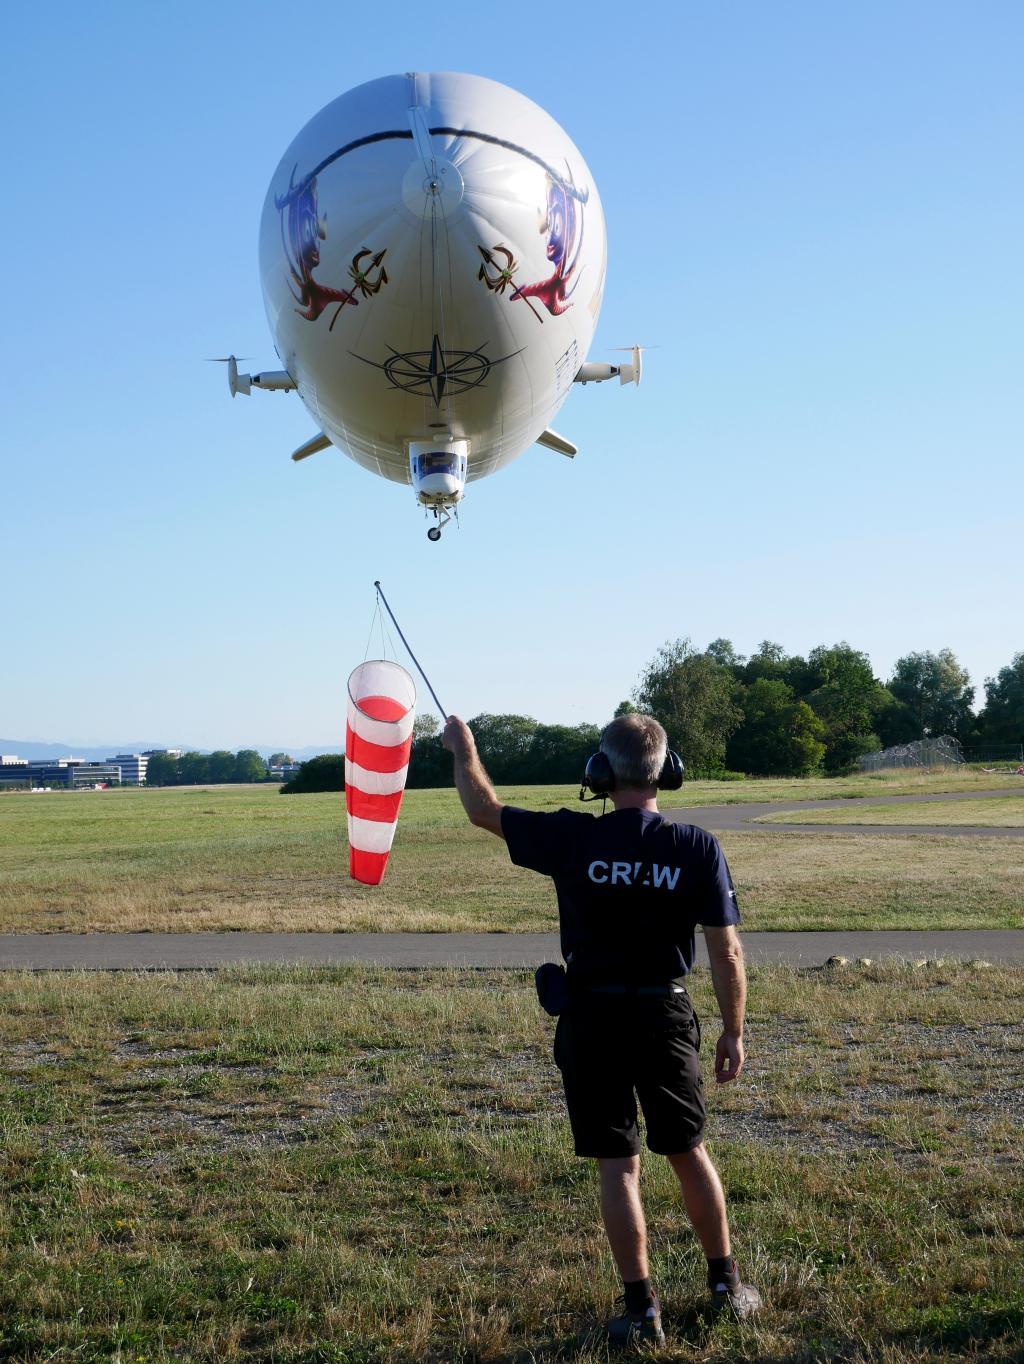 Der Zeppelin bei der Landung